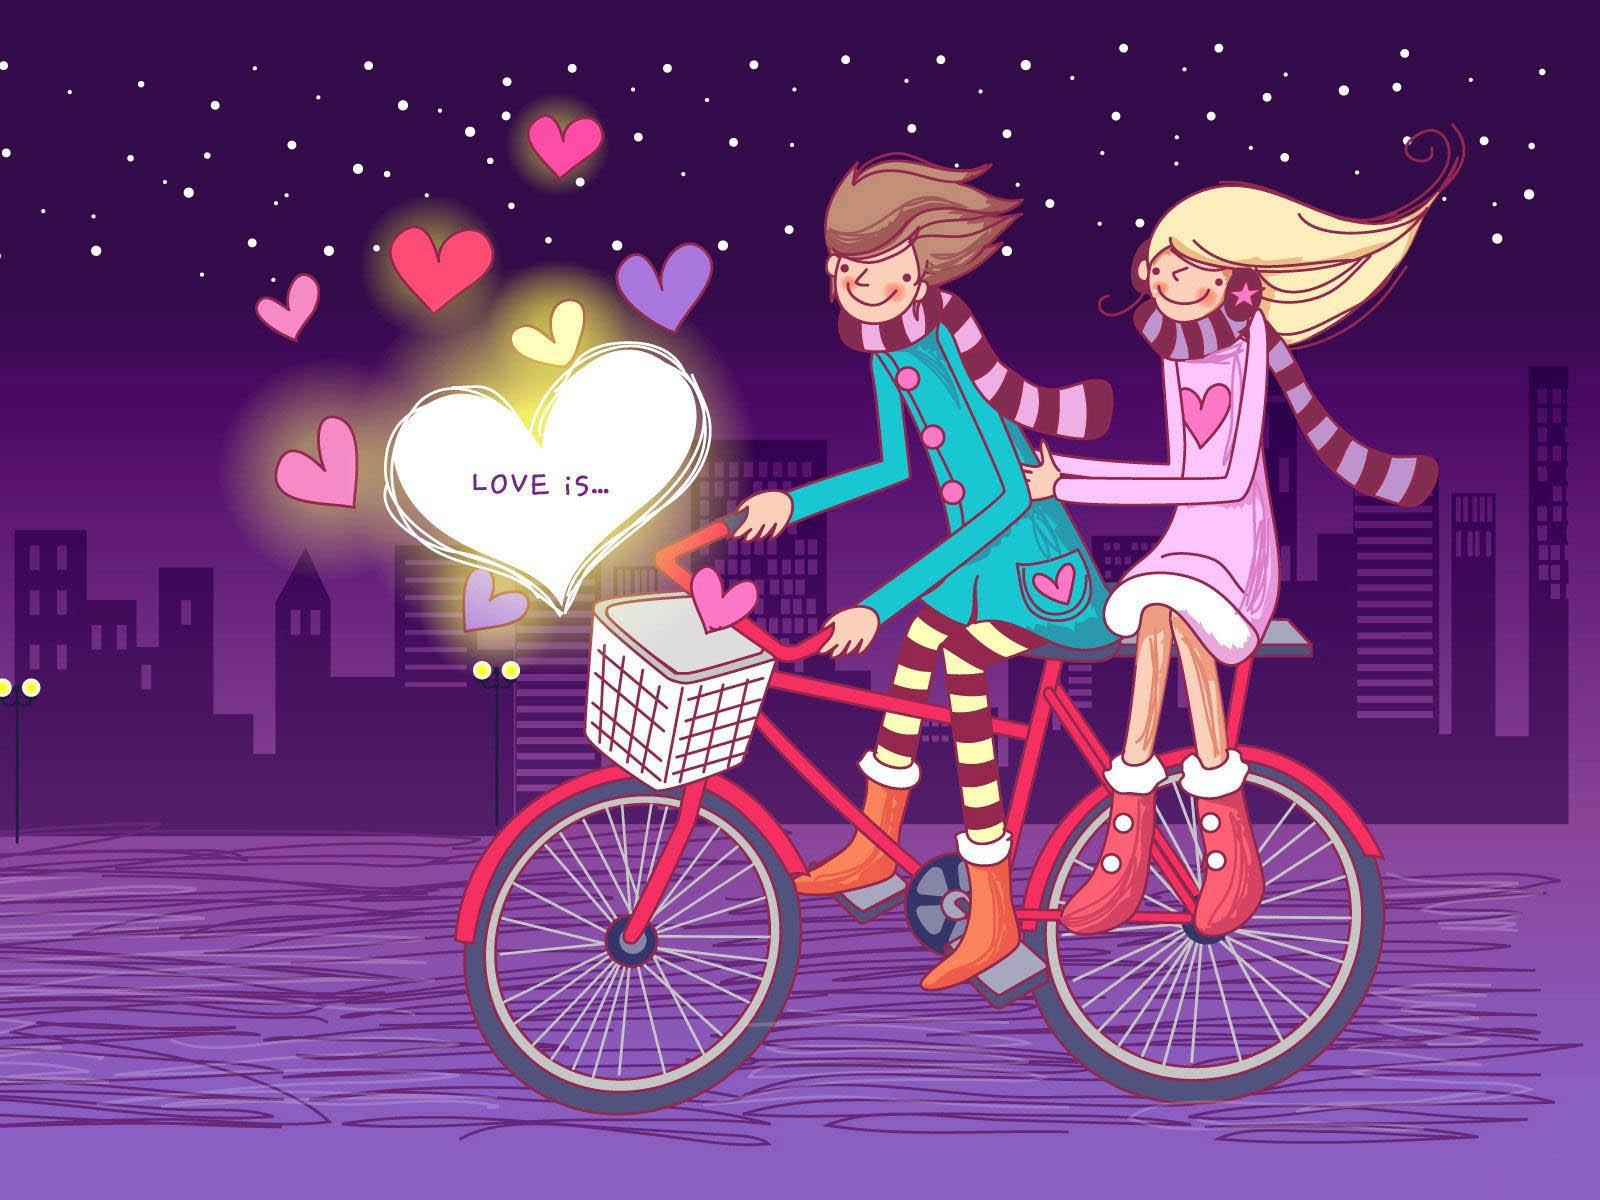 Romantic Love Wallpapers - Screensaver